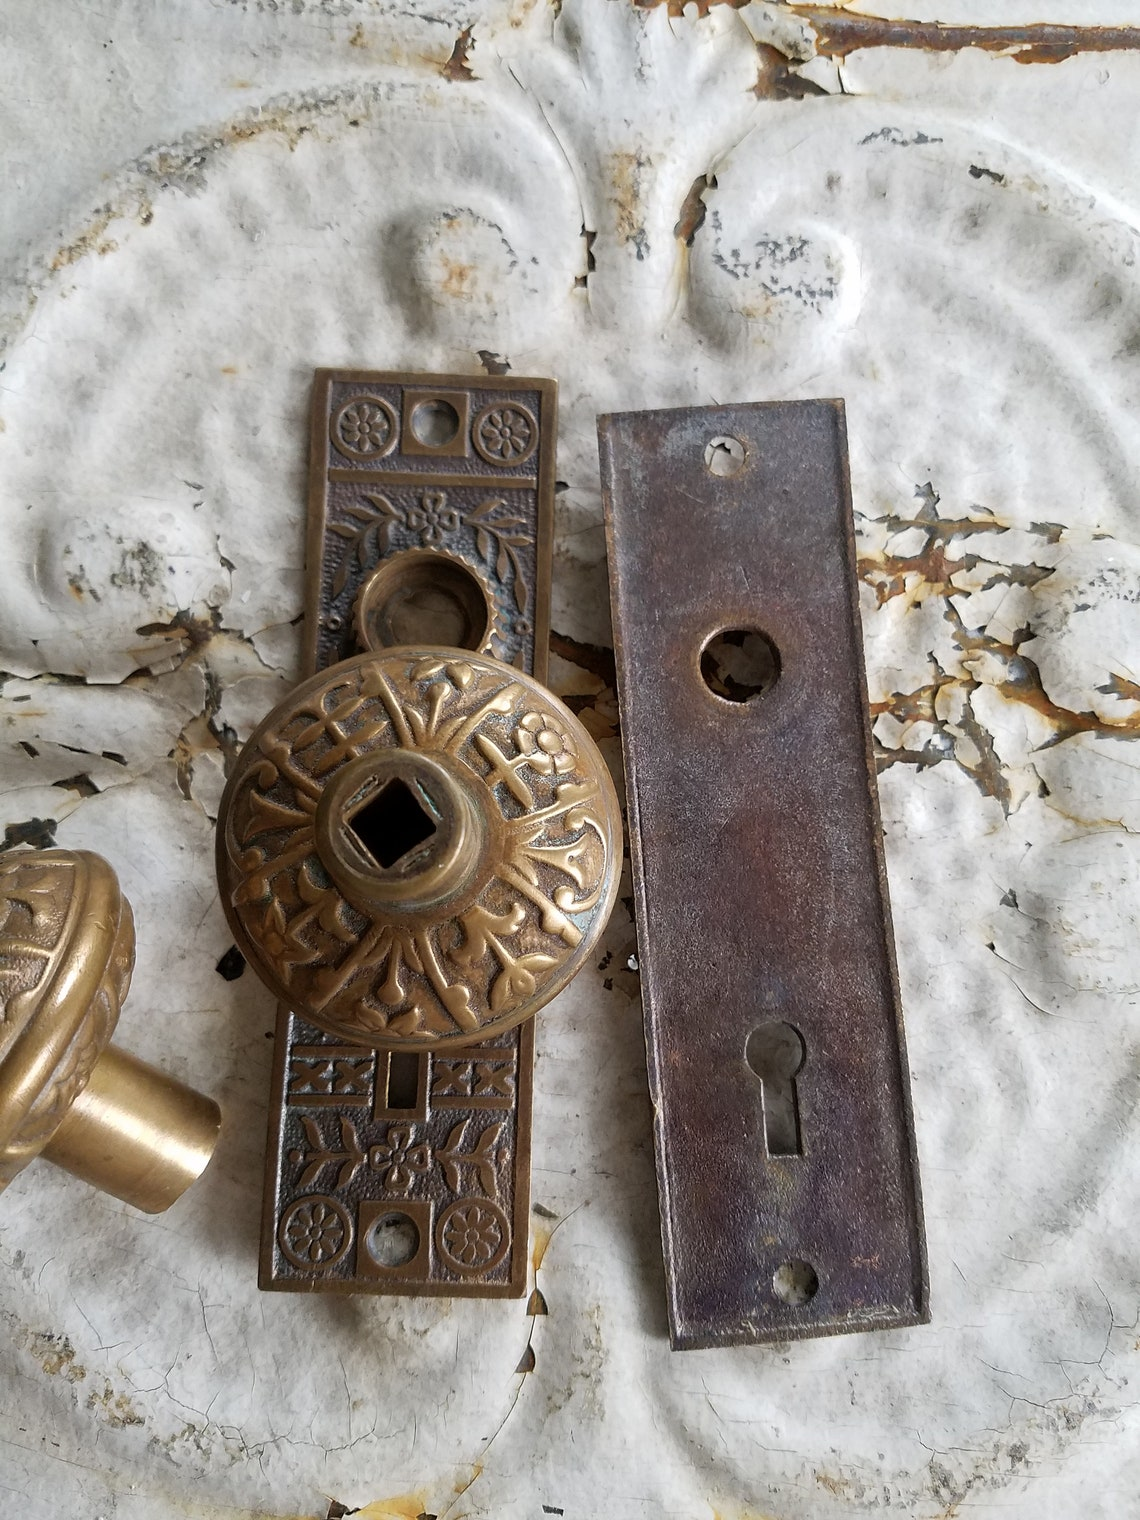 Lockwood Hardware, Victorian Doorknobs, Ornate Knobs and Plates, Doorknob Set, Antique Door Knobs, Door Knob Plates, Eastlake Hardware